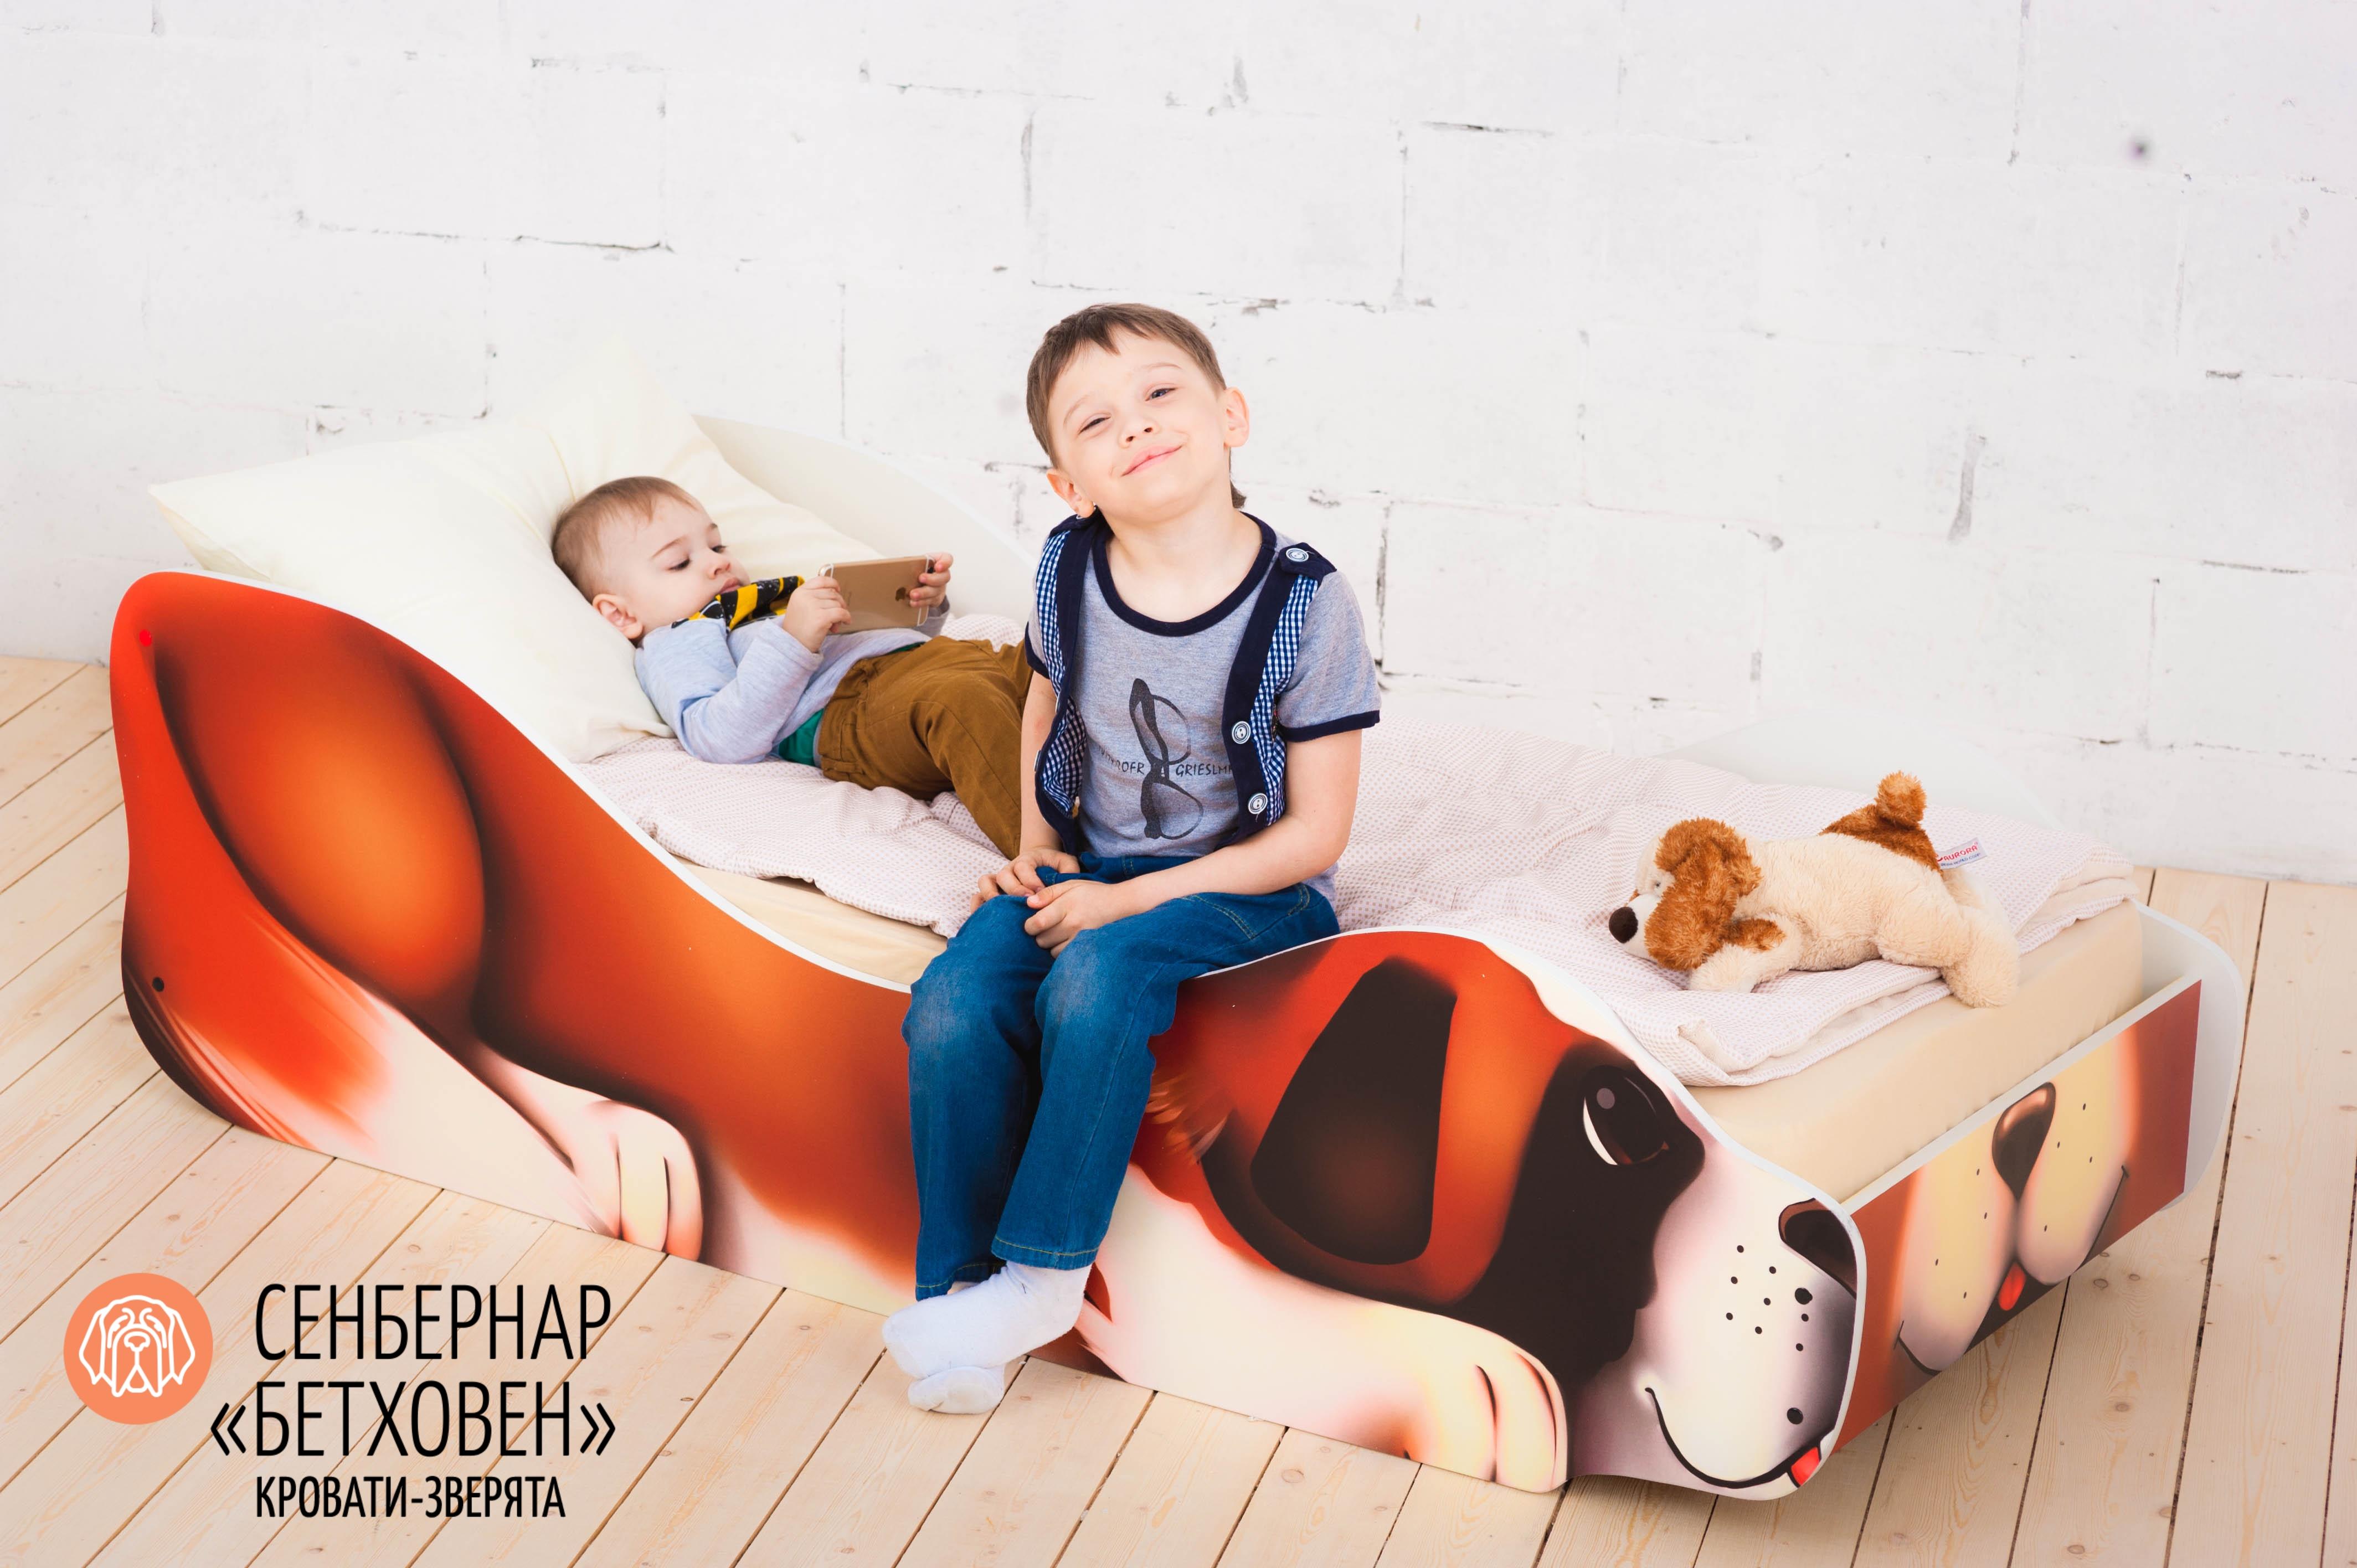 Детская кровать-зверенок -Сенбернар- Бетховен-8